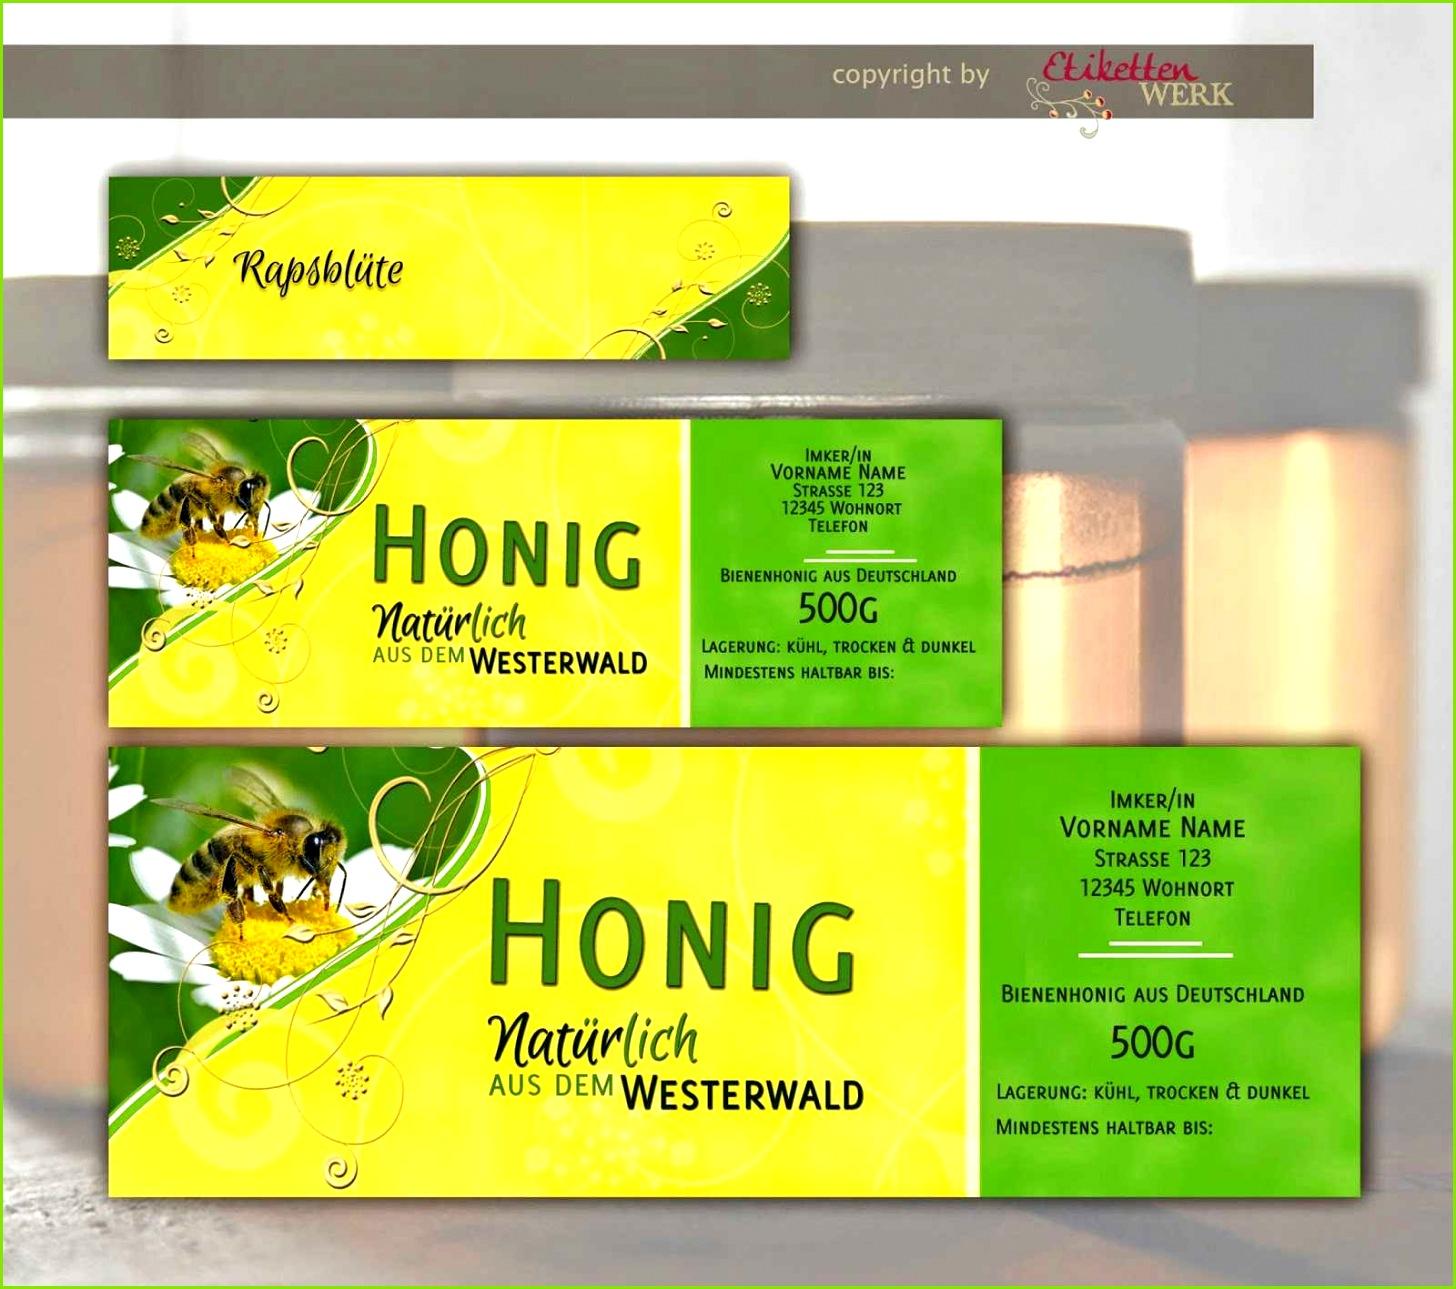 Honig Etiketten Vorlagen Herunterladbare Sektetiketten Selbst Gestalten Frisch Etiketten Selbst Gestalten 25 Editierbar Honig Etiketten